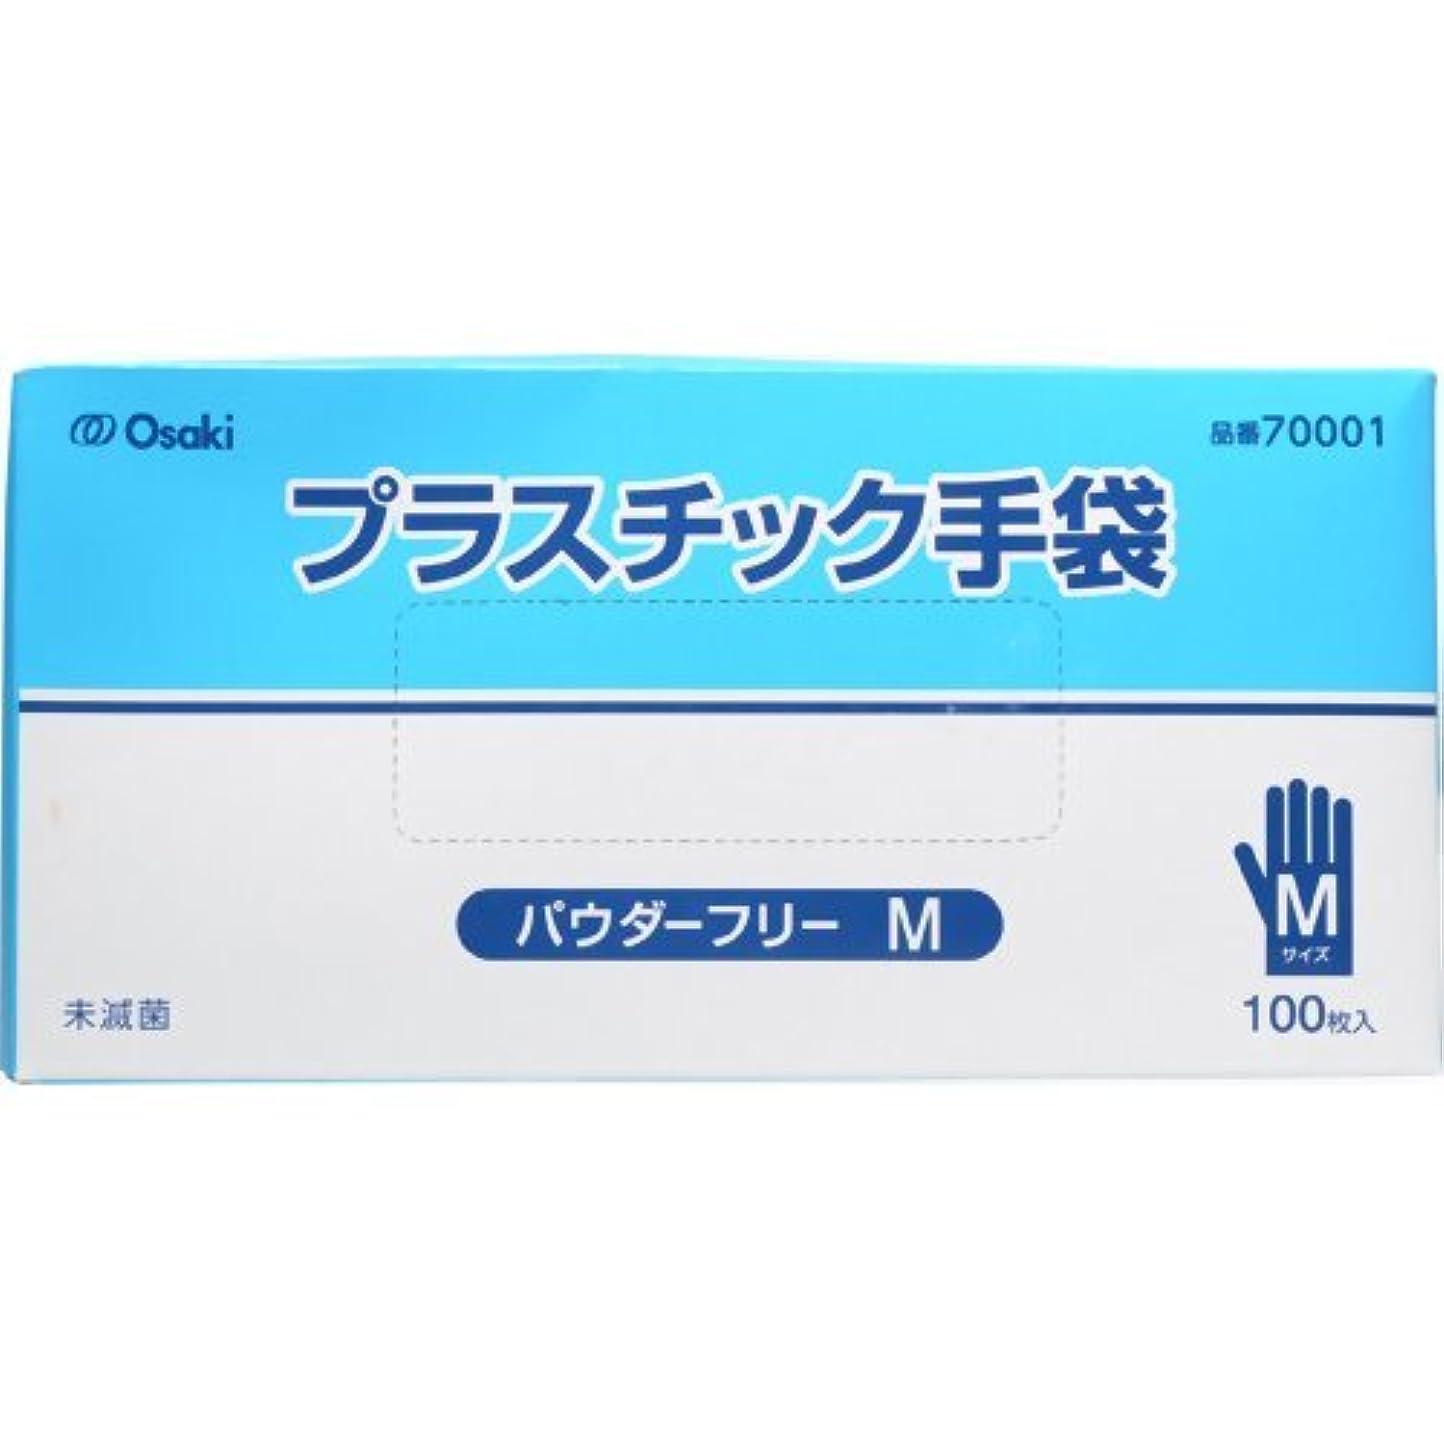 複製味付けネックレットオオサキメディカル プラスチック手袋 PF Mサイズ 100枚入